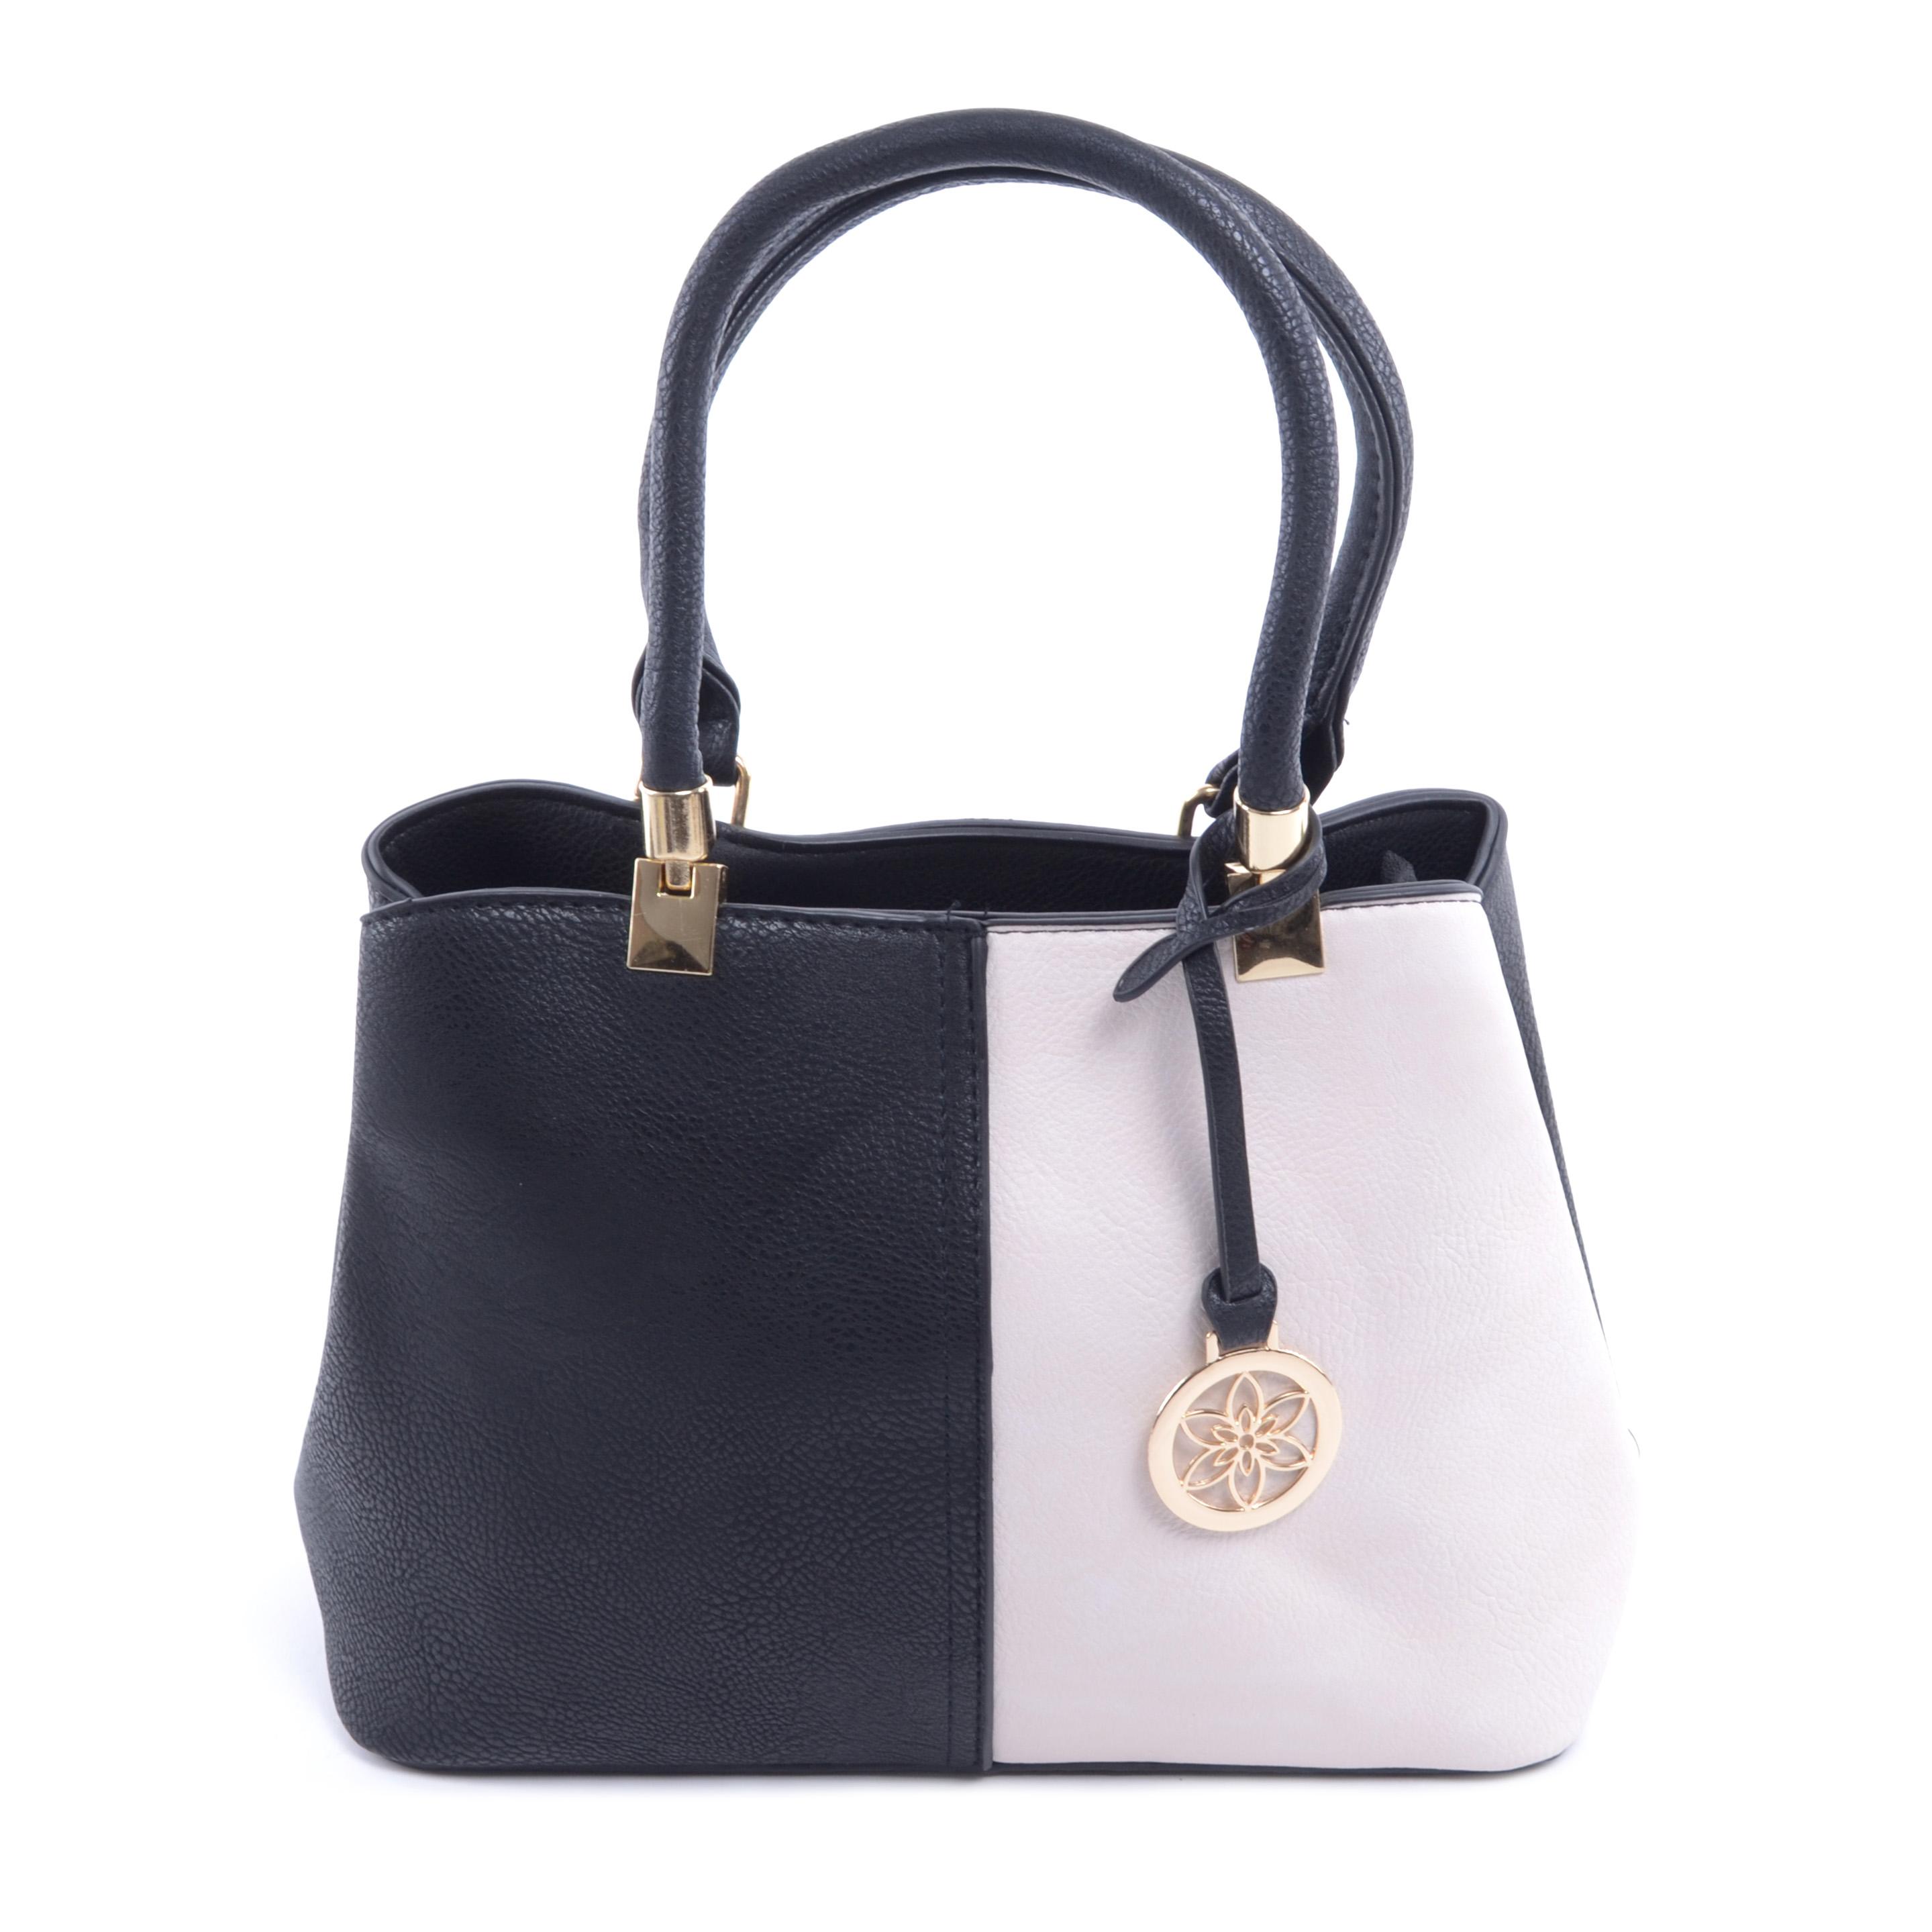 Fekete-Bézs Női Műbőr Kézitáska - Kézitáskák - Táska webáruház - Minőségi  táskák mindenkinek 16e0e0f733